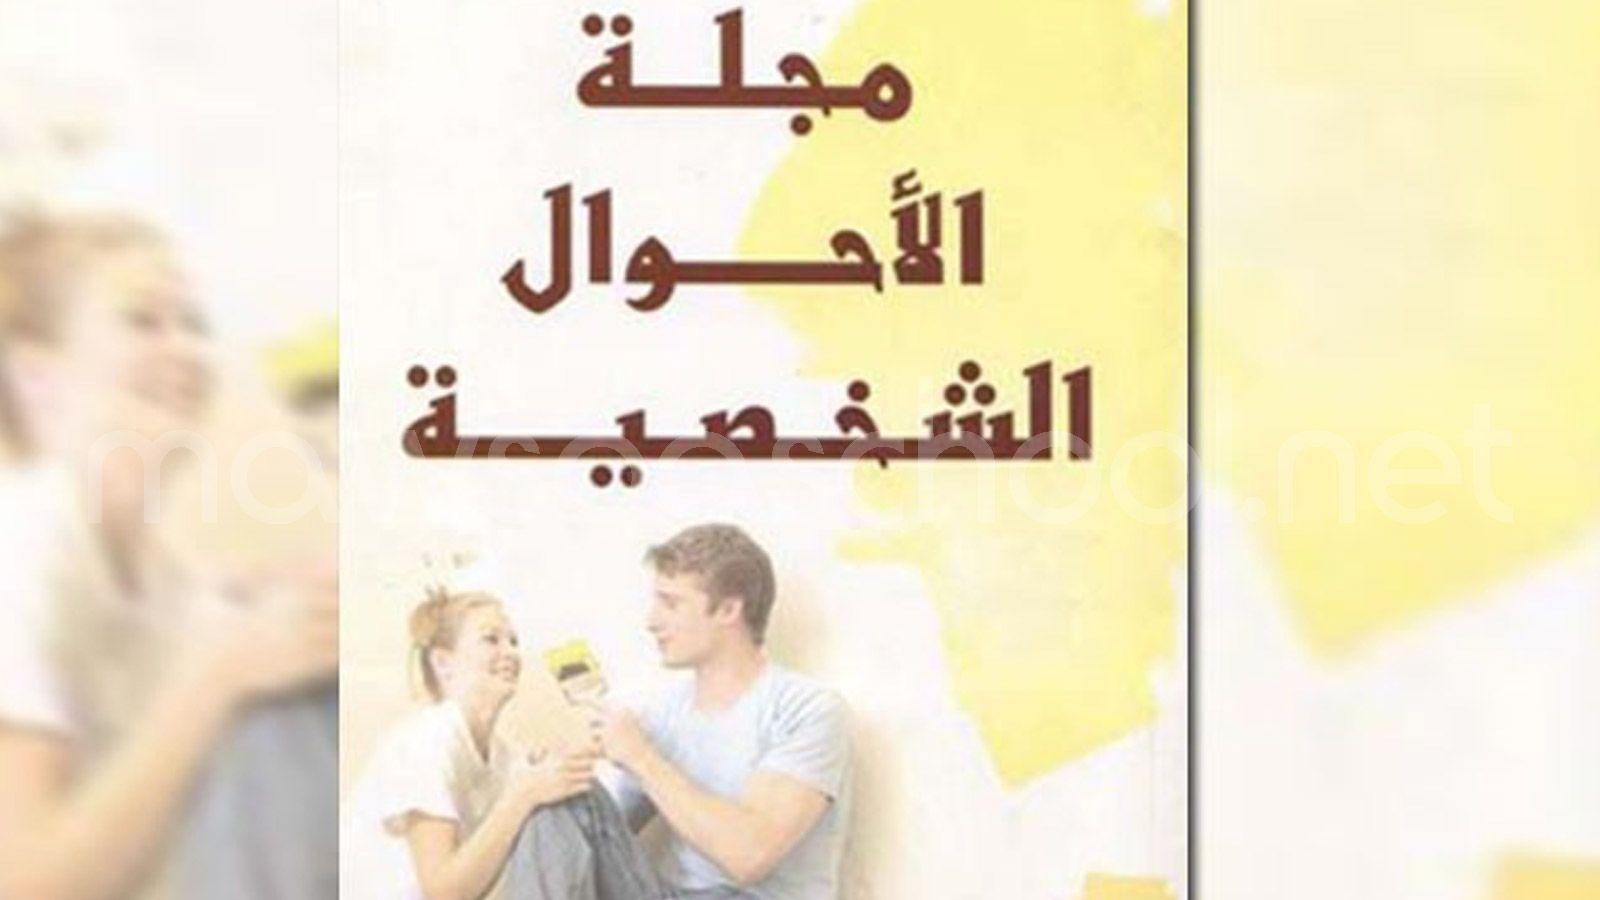 الدرس التجارب التحديثية في البلدان العربية التربية المدنية ثانية ثانوي Education